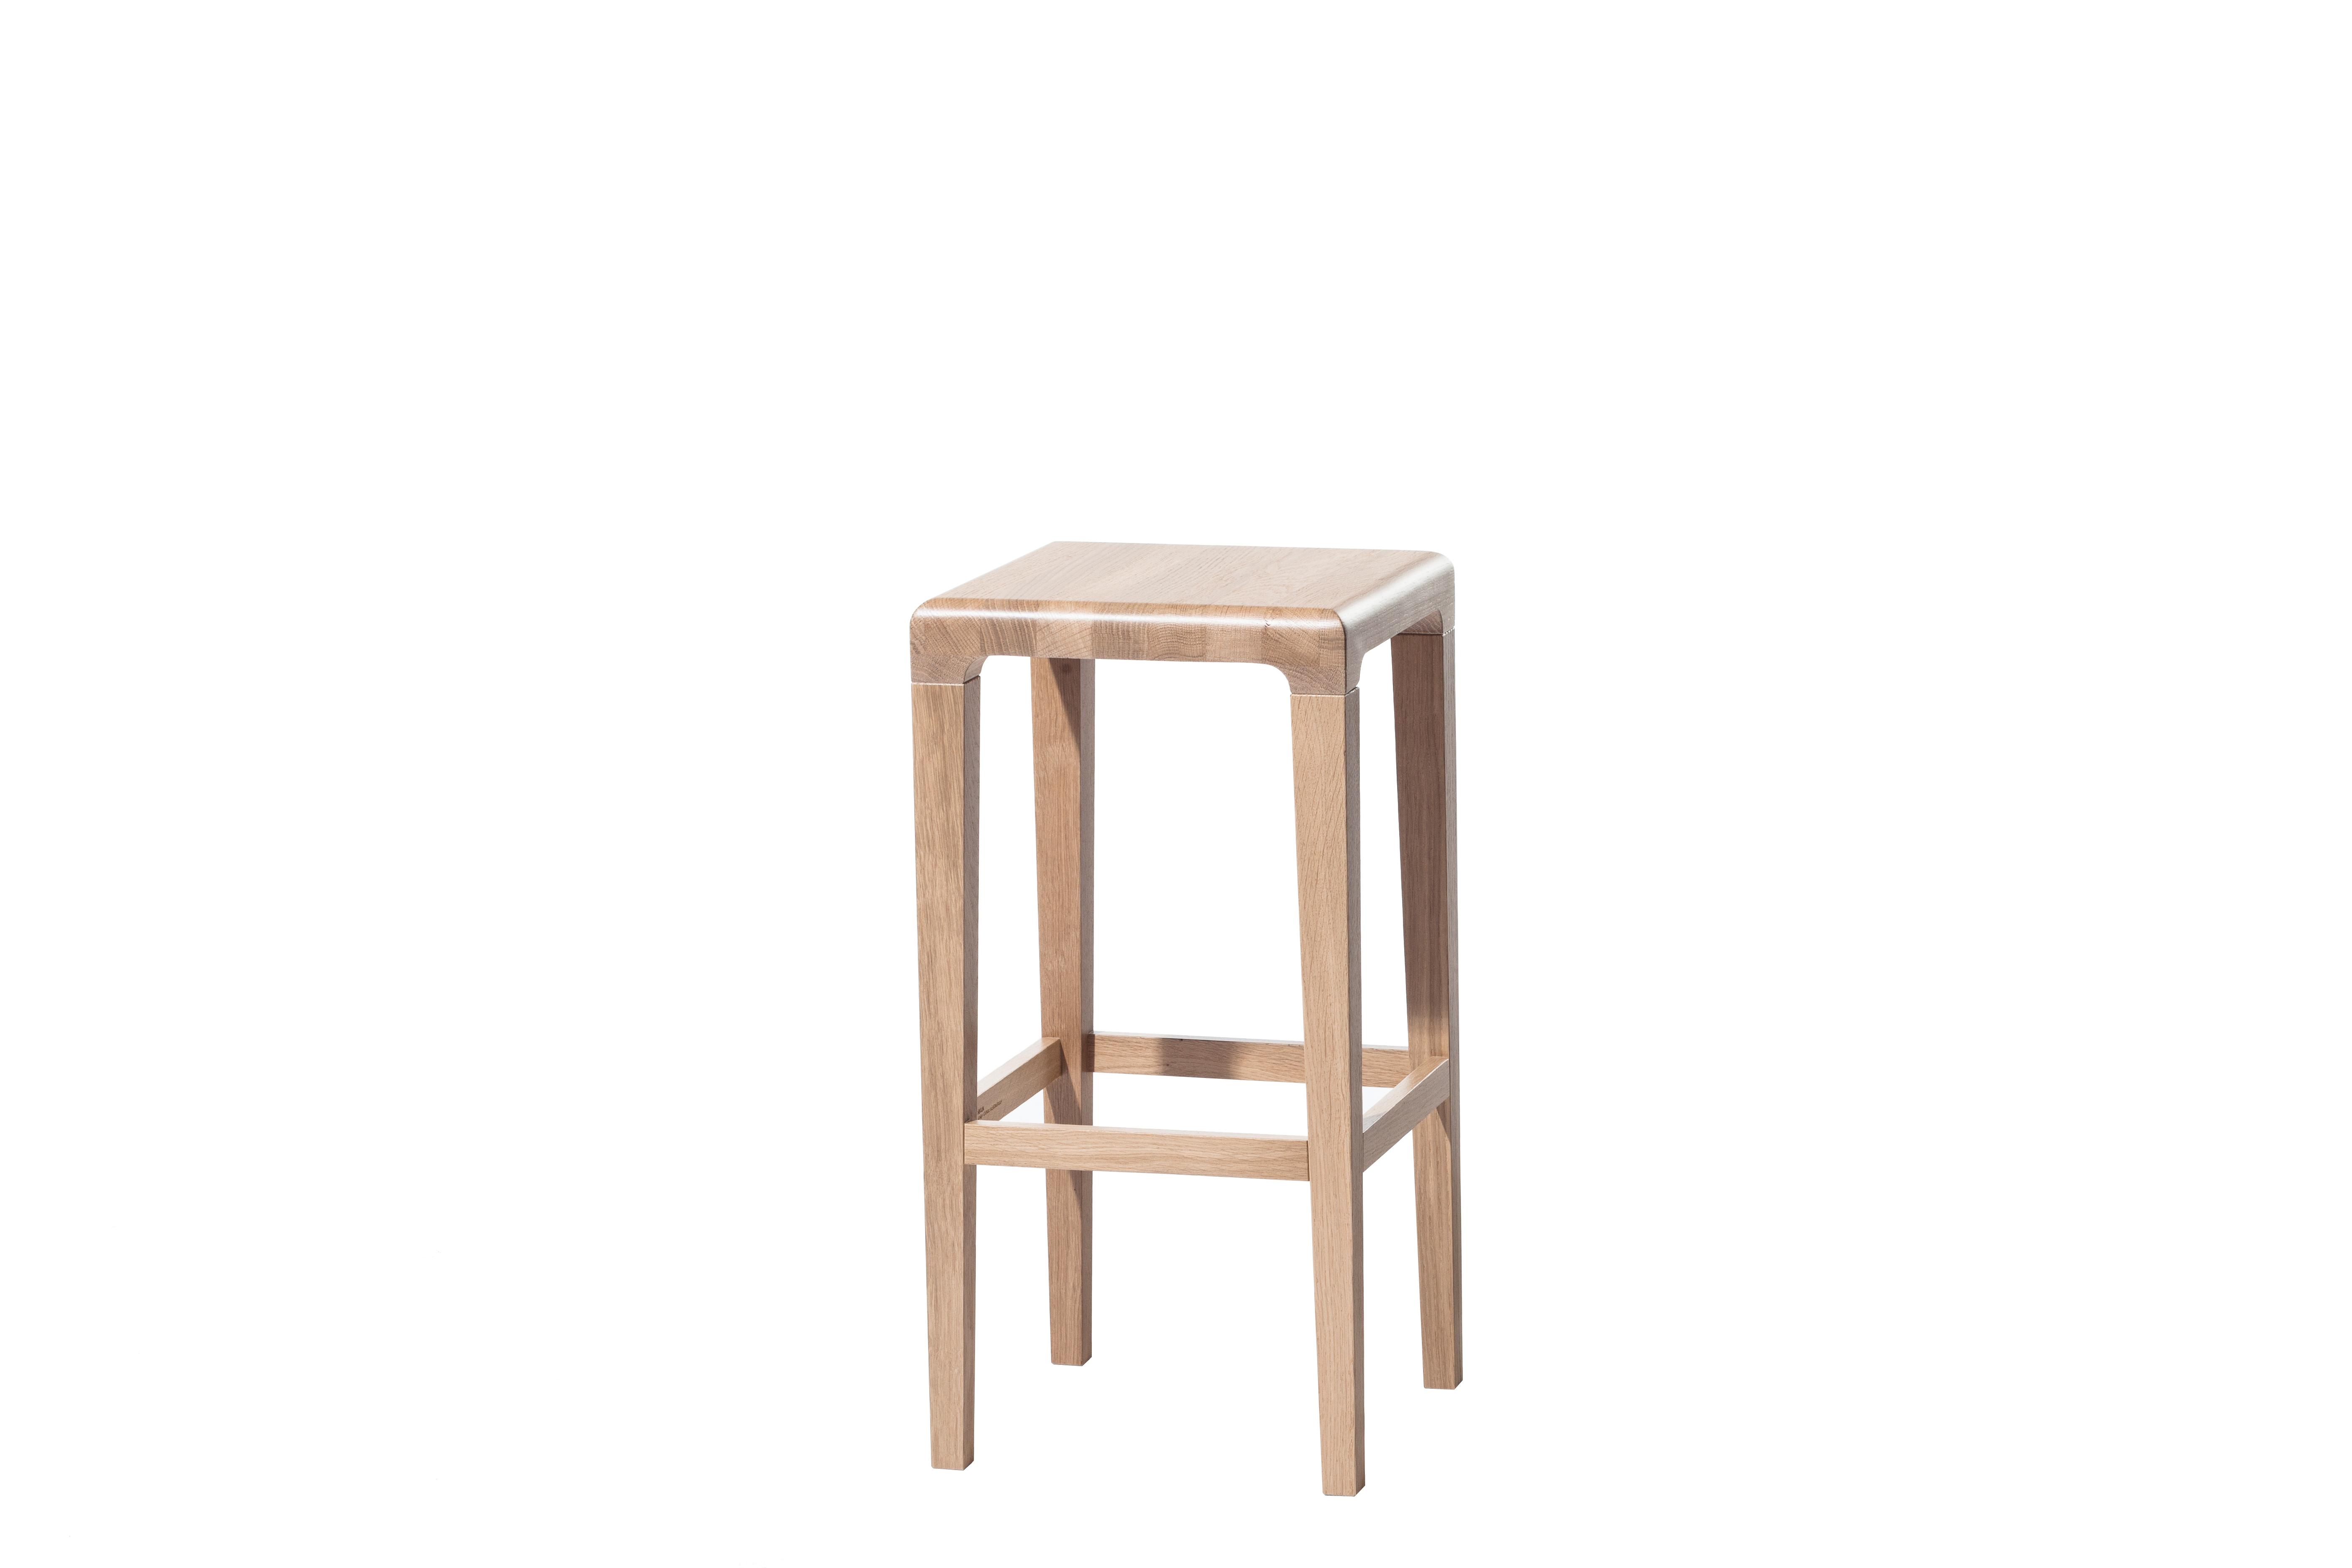 Scaun din lemn de stejar Rioja Natural Small, l32xA32xH64 cm somproduct.ro